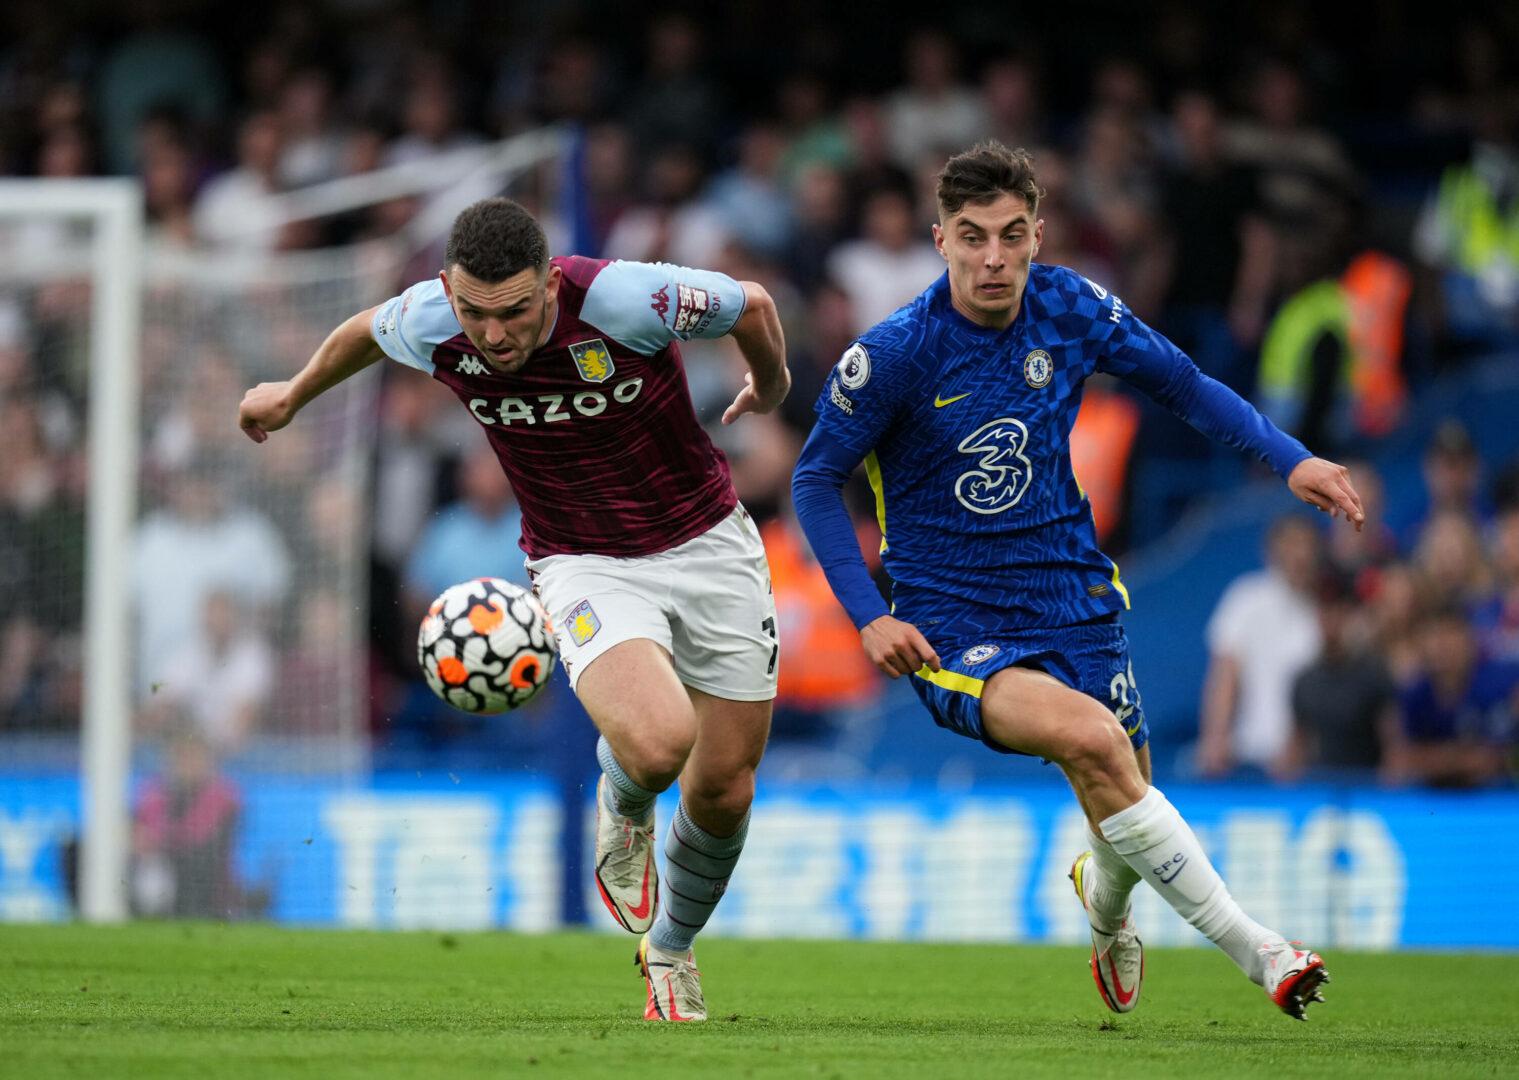 John McGinn (Aston Villa) Kai Havertz (Chelsea) im Zweikampf